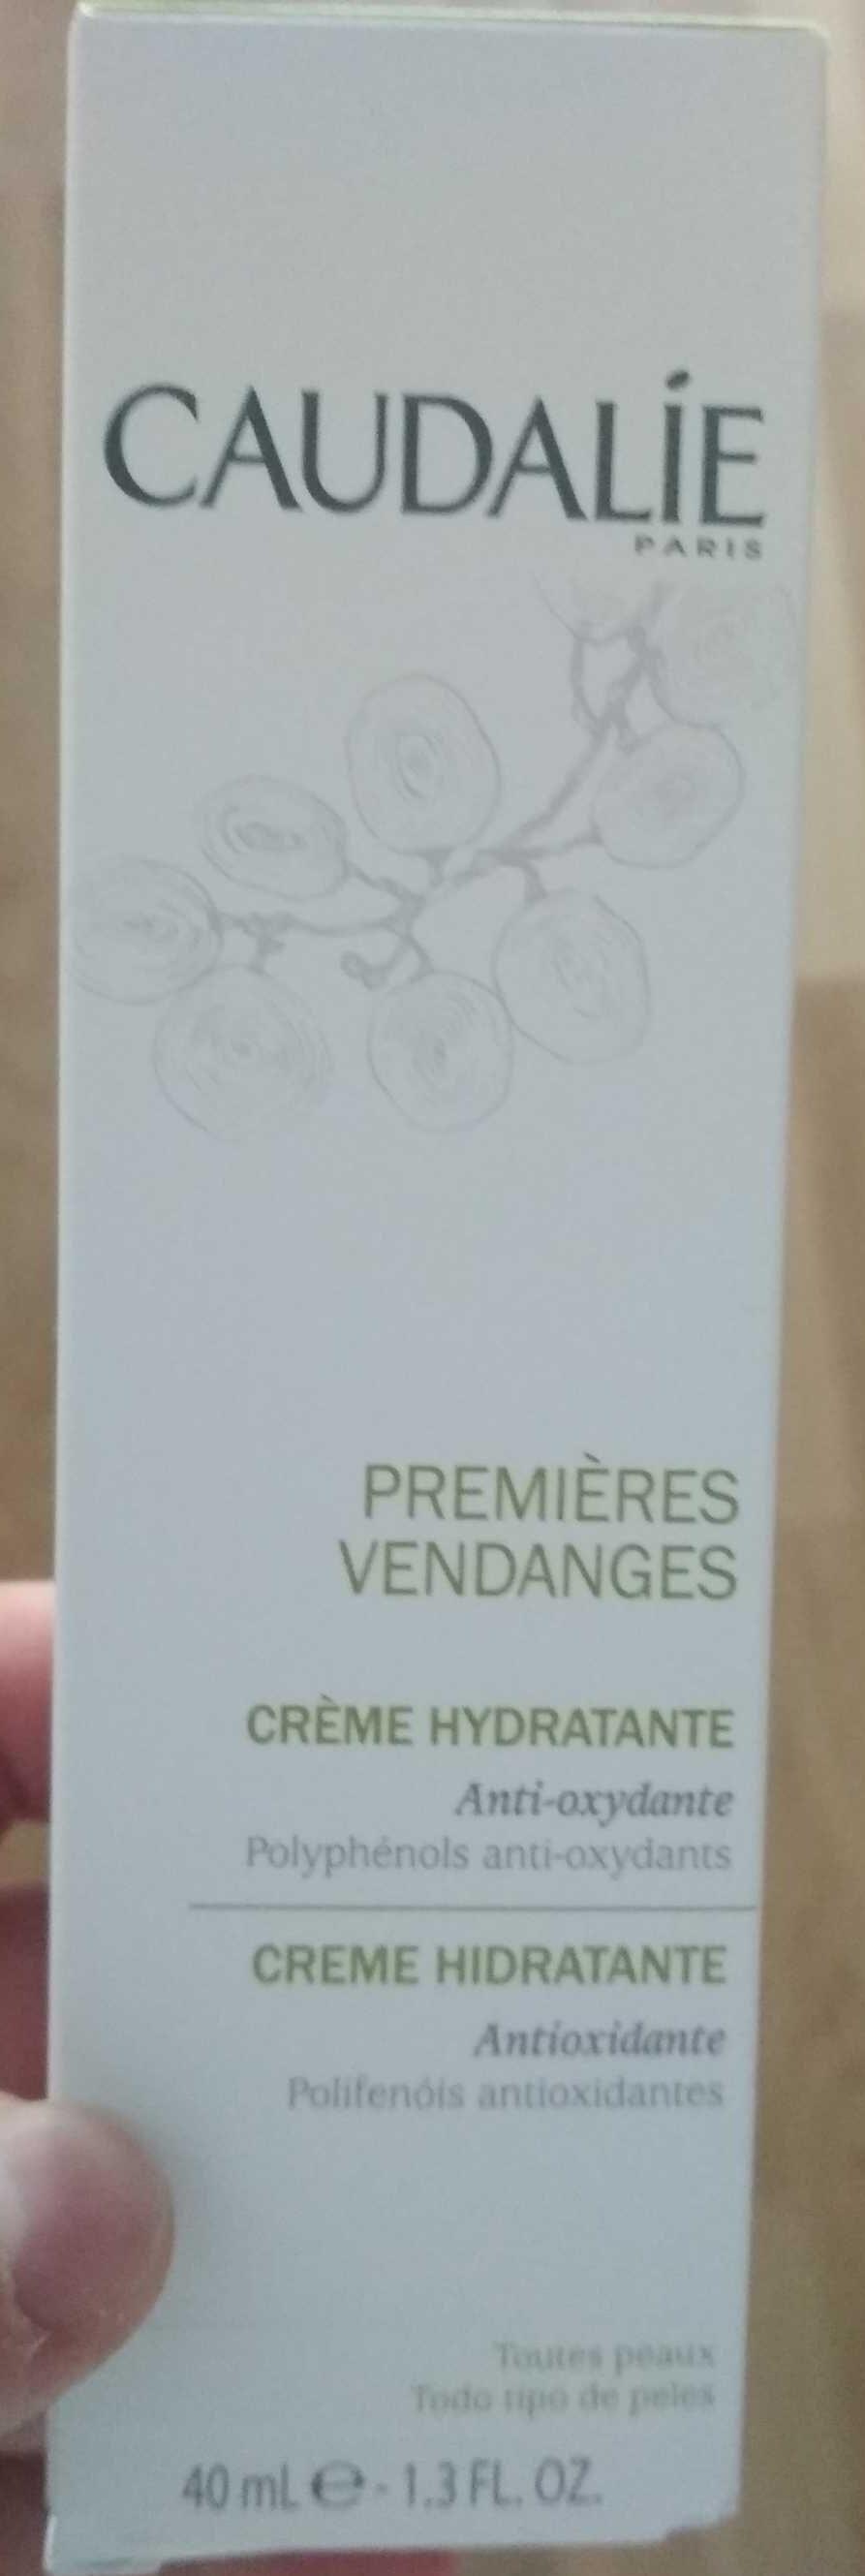 Premières vendanges - Product - fr